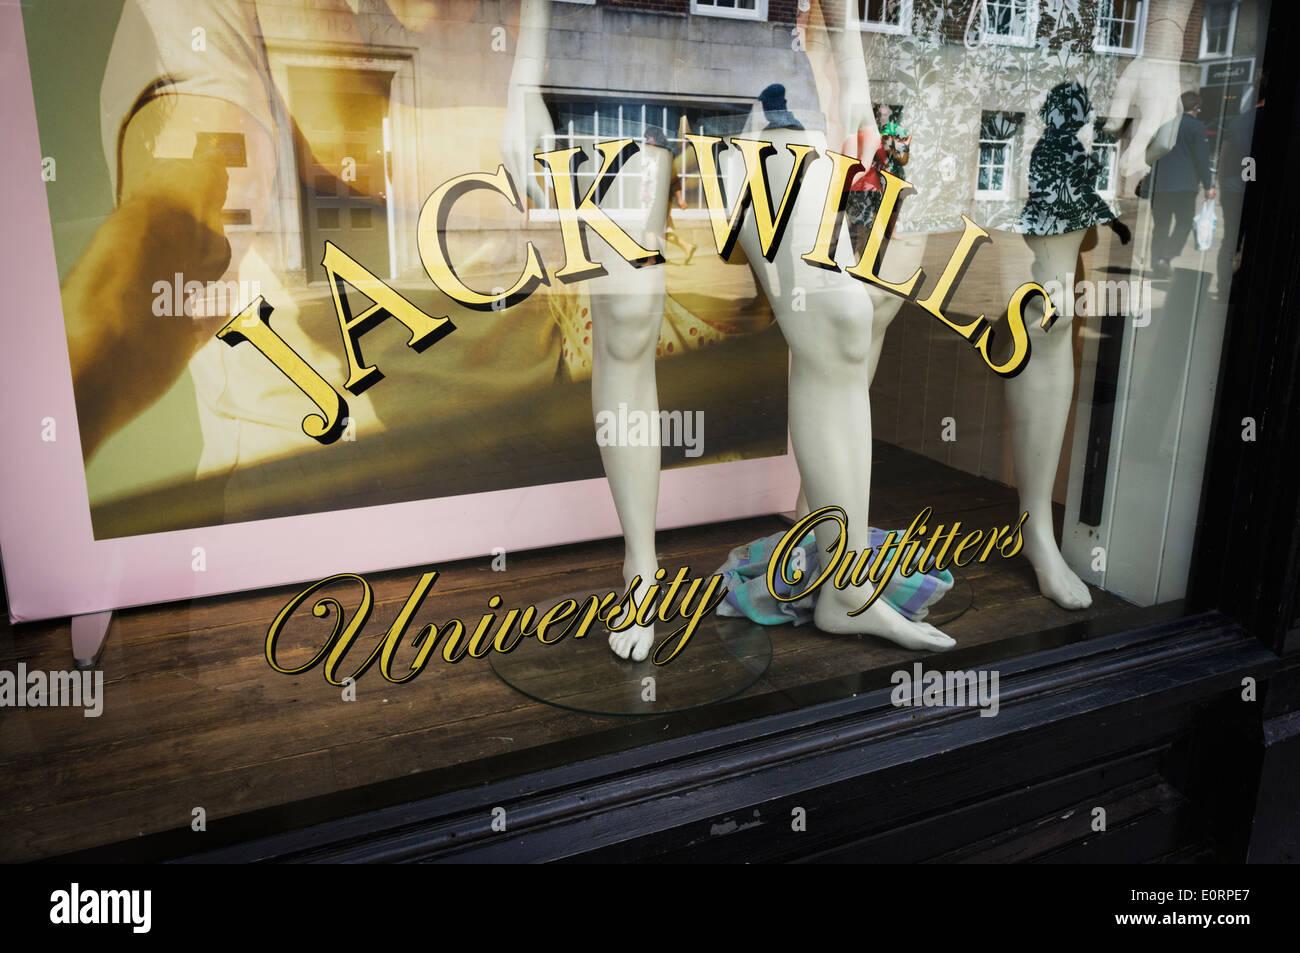 Jack Wills fashion clothing store, England, UK - Stock Image